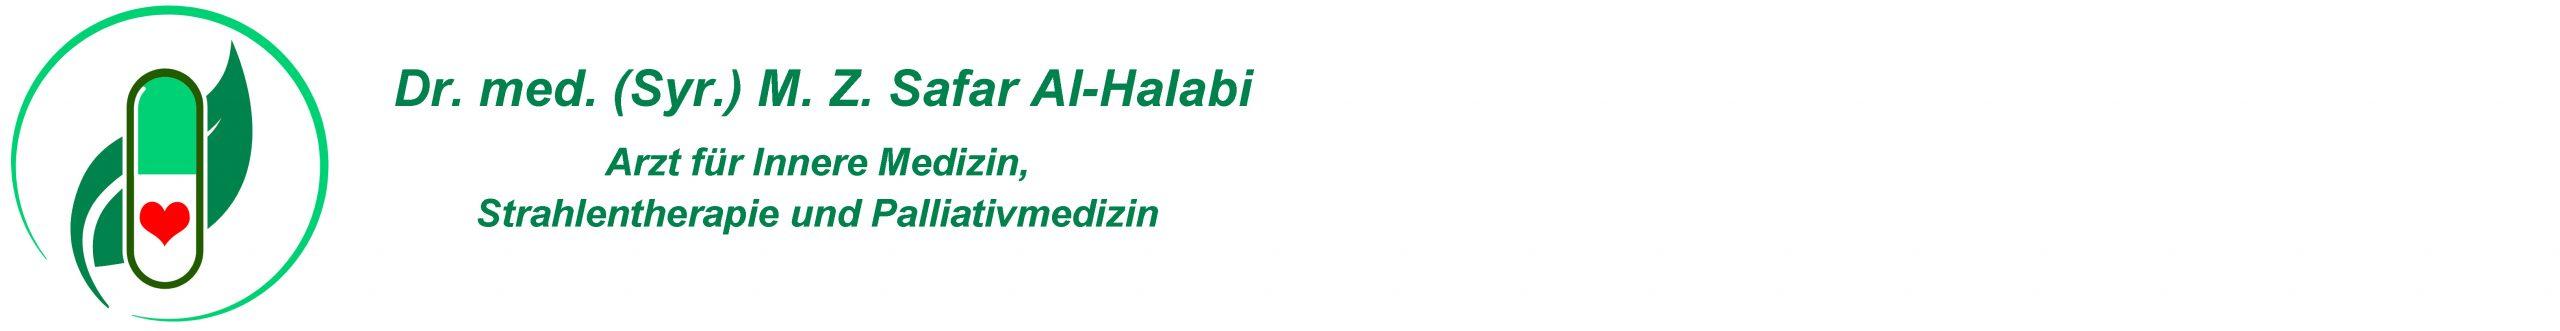 Dr. med. (Syr.) M. Z. Safar Al-Halabi